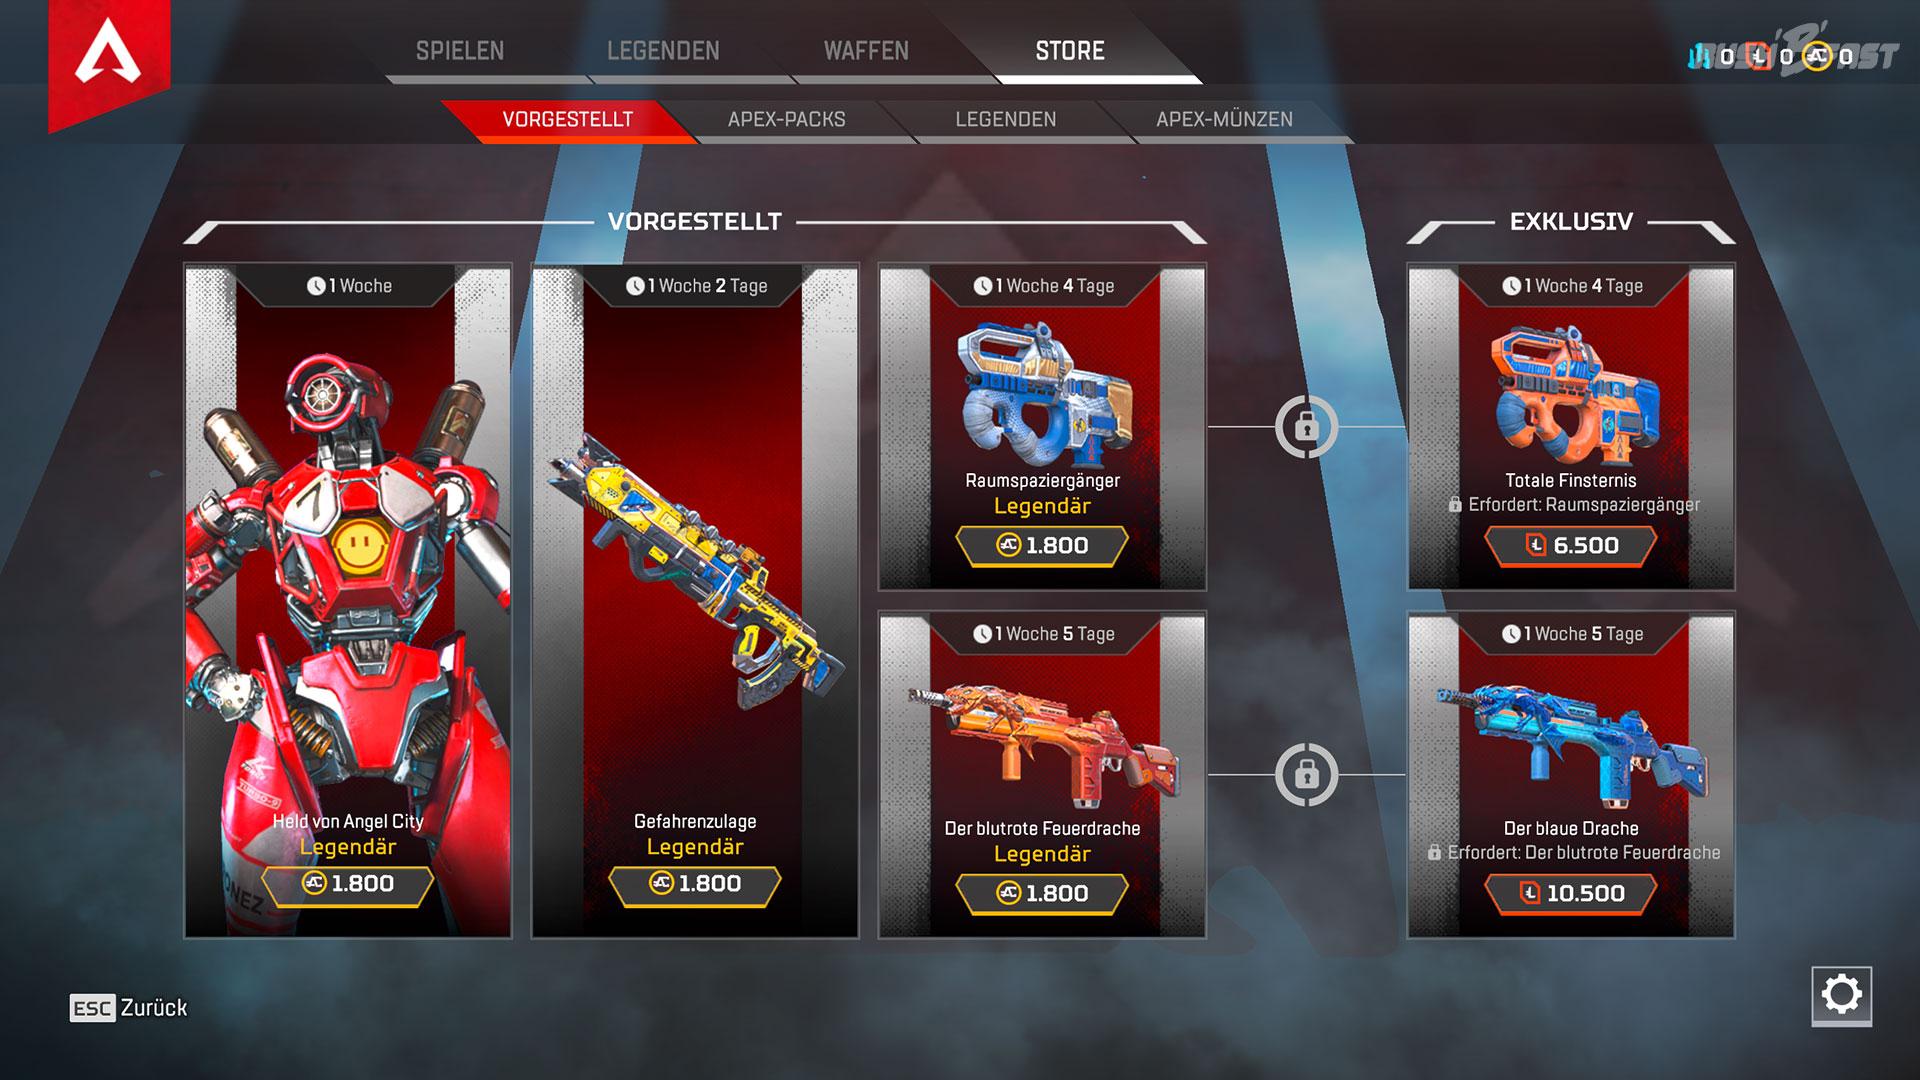 Im Ingame-Store gibt es bereits eine Auswahl an besonderen Waffen- und Charakterskins - mit wechselnden Angeboten.